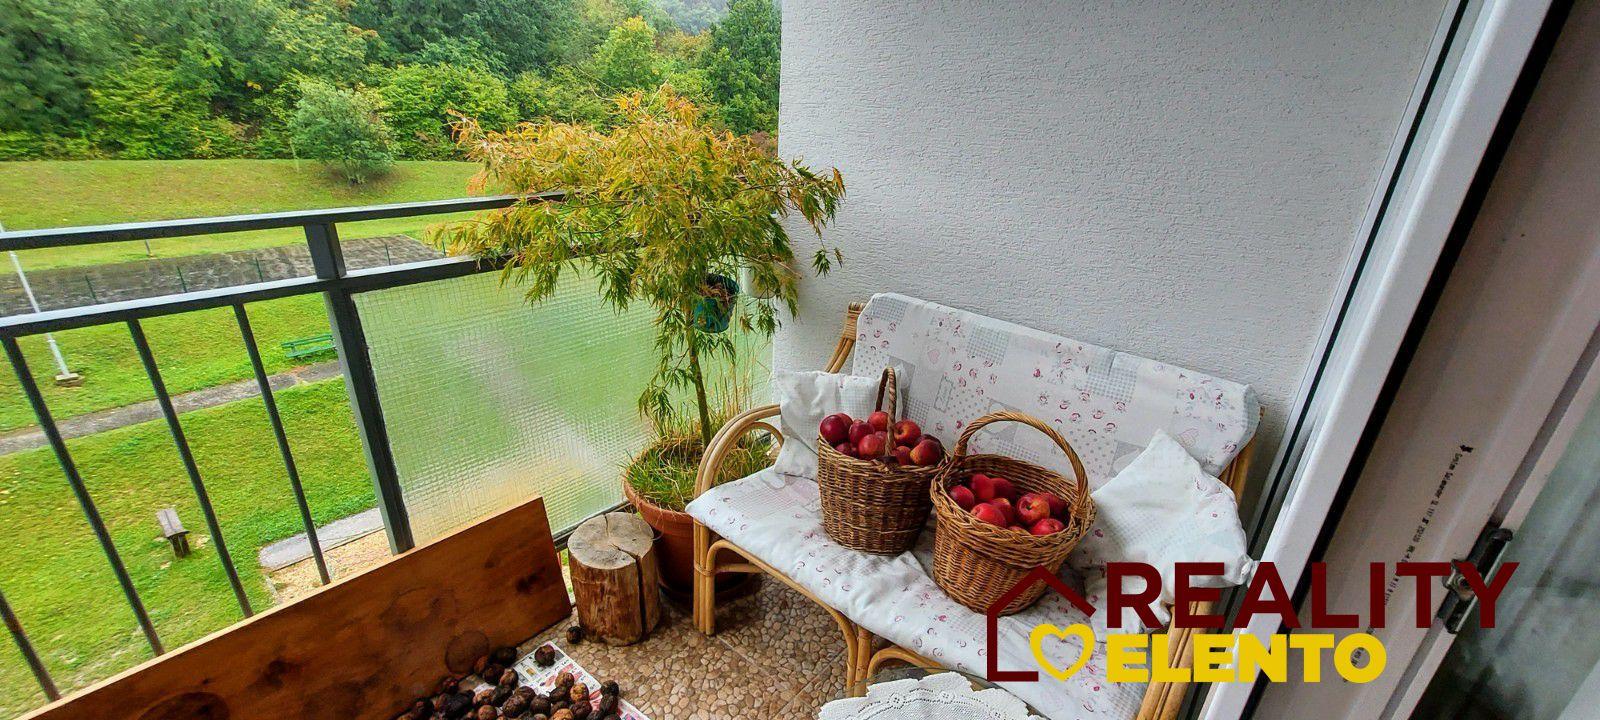 3-izbový byt-Predaj-Partizánske-79000.00 €